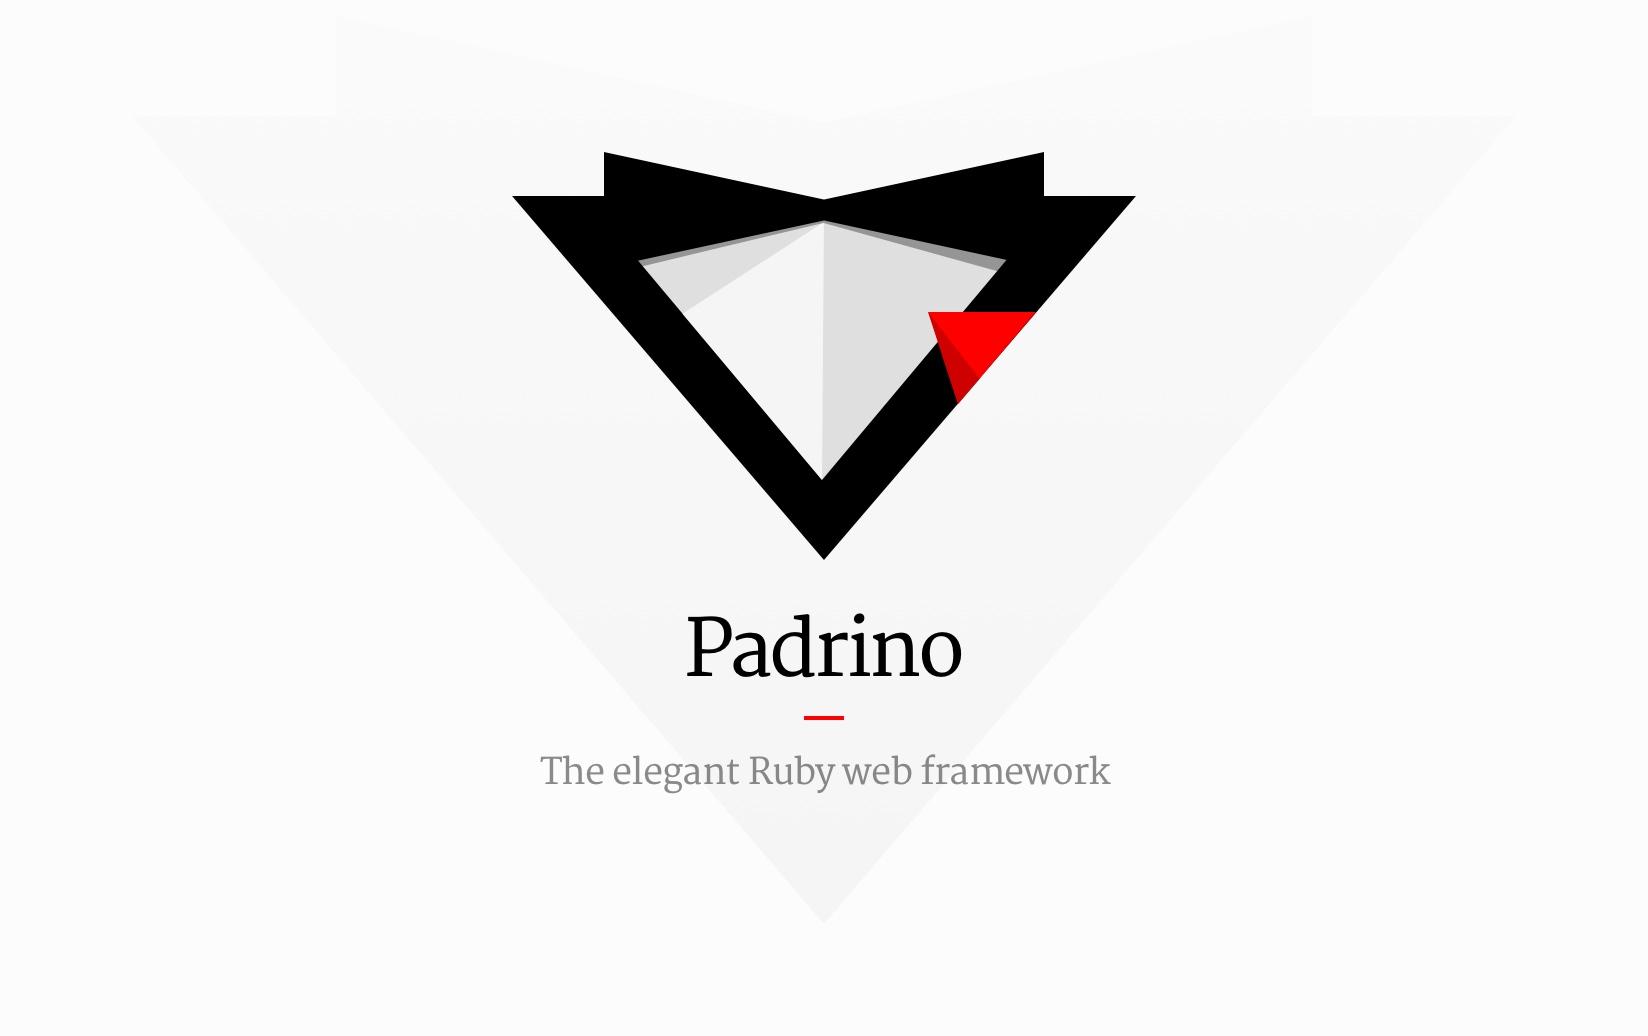 logo_padrino.jpg